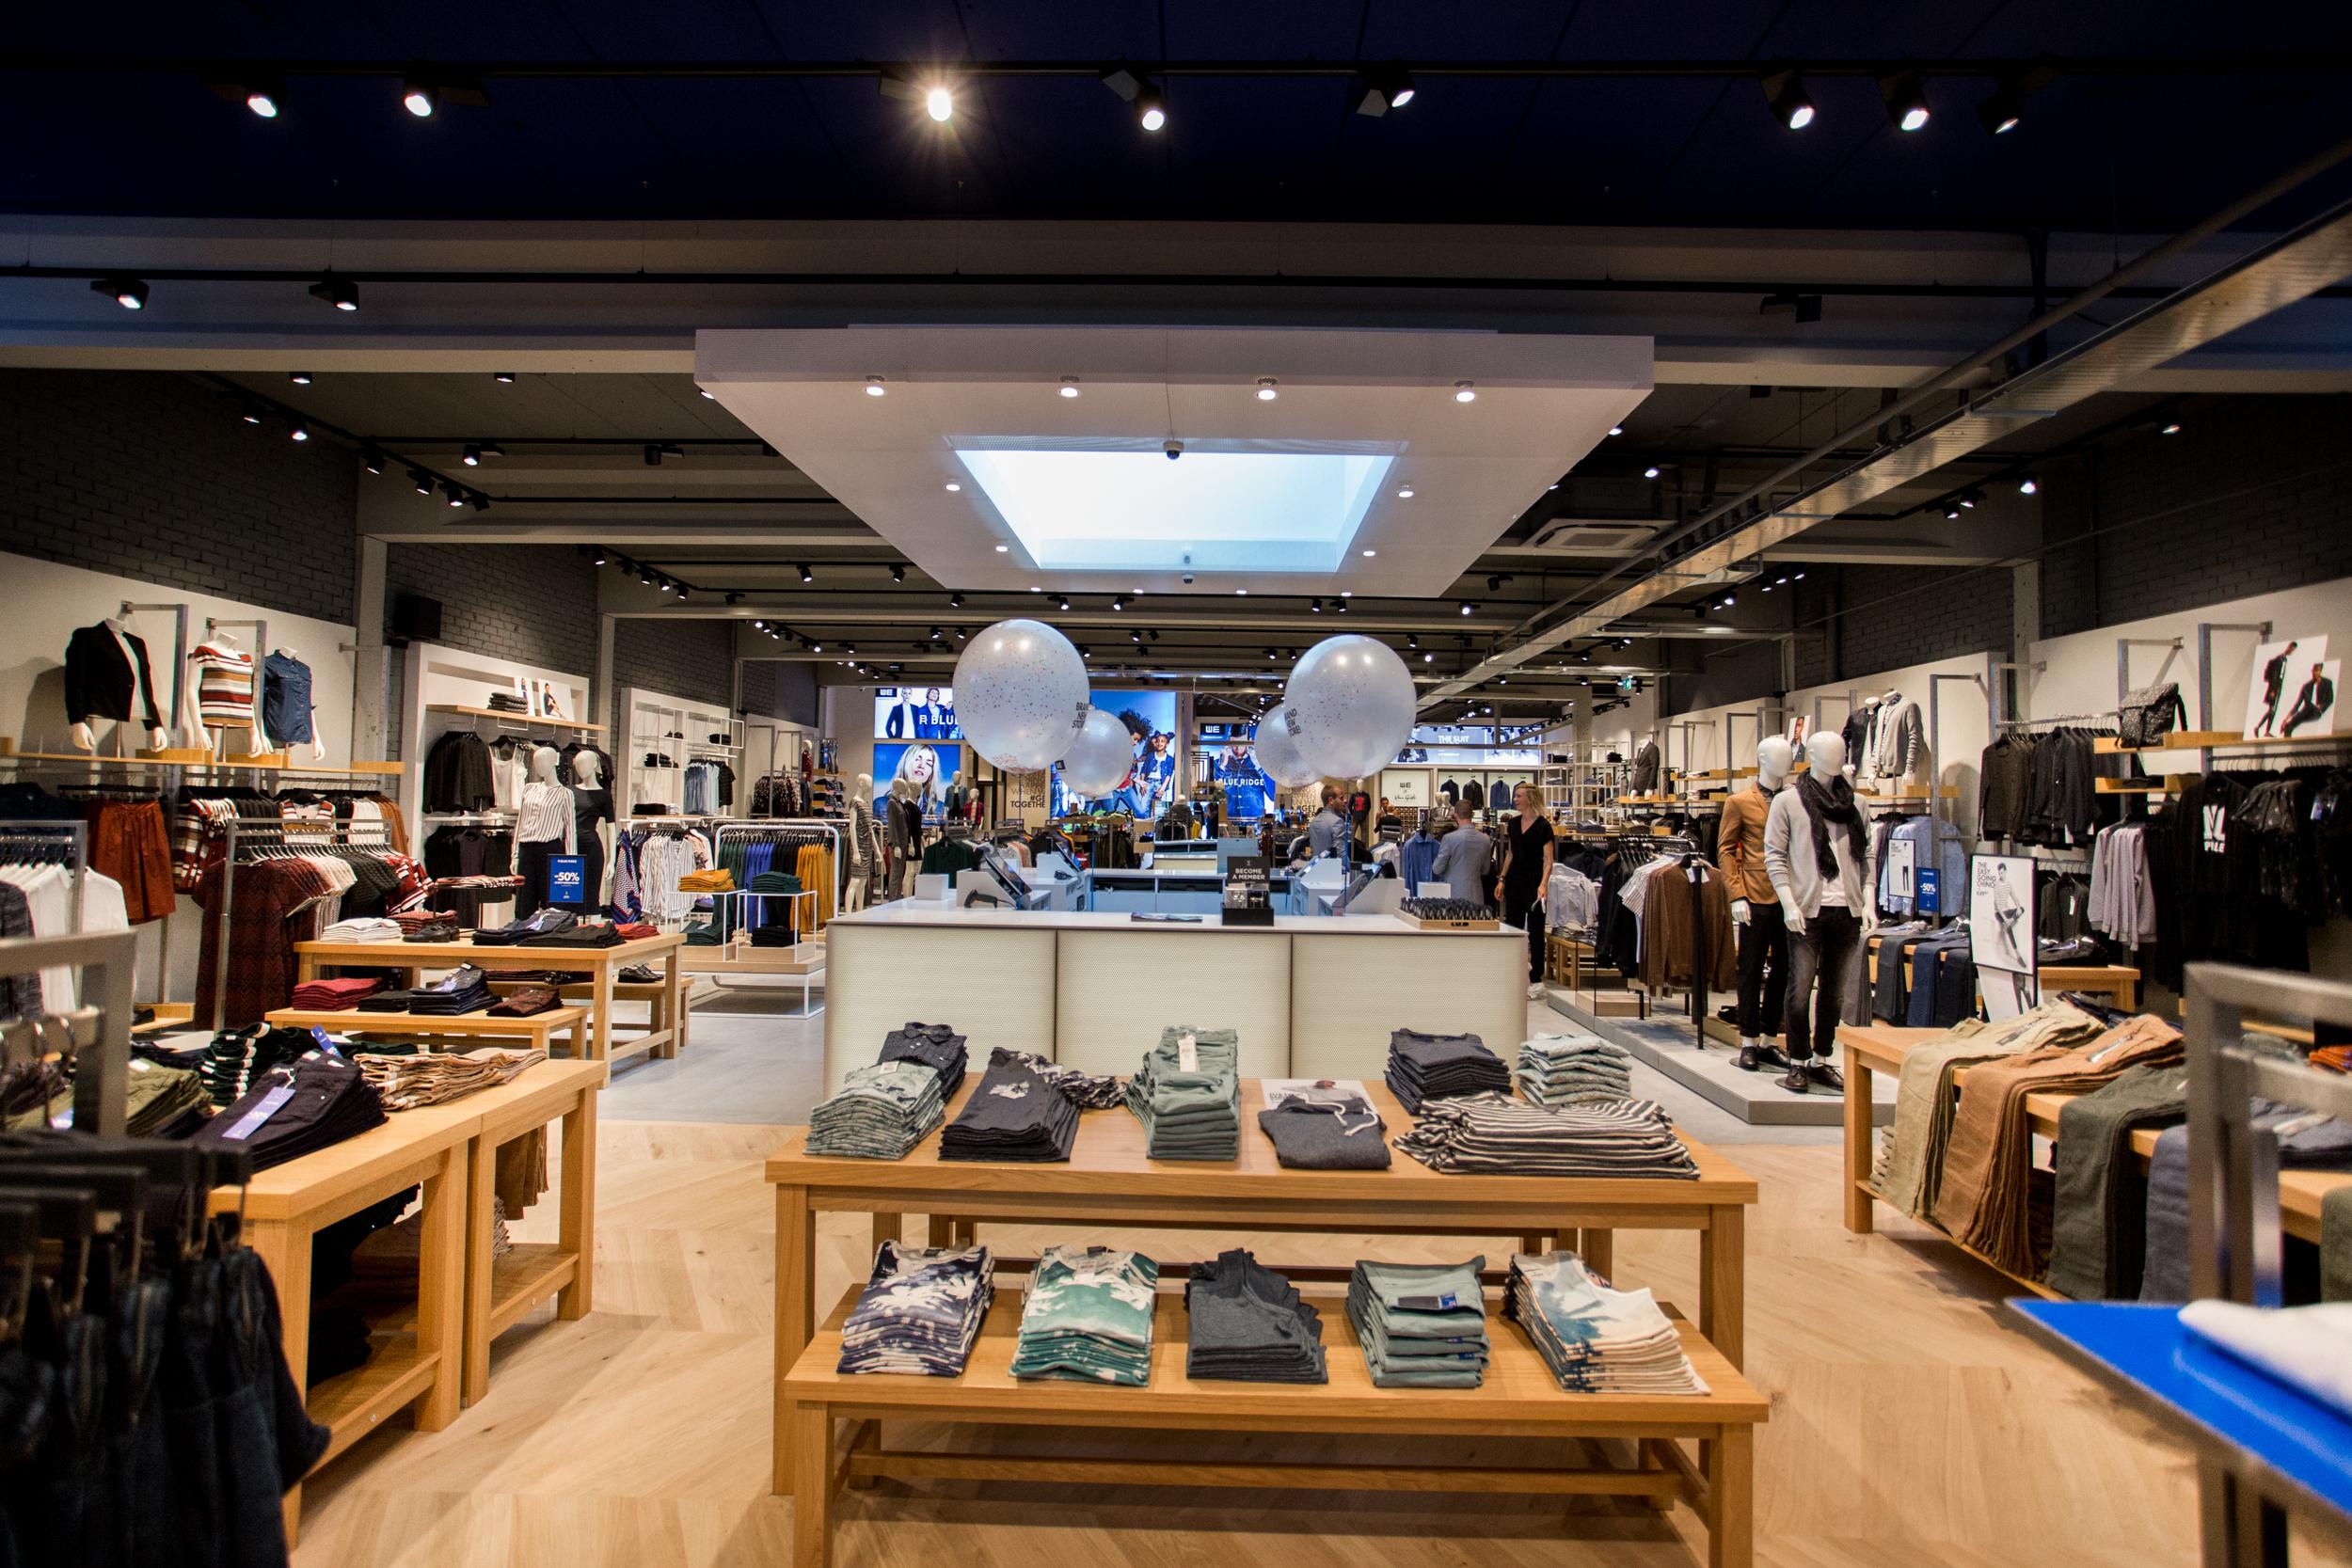 Referenties winkels techniek bv for Hoogebeen interieur bv